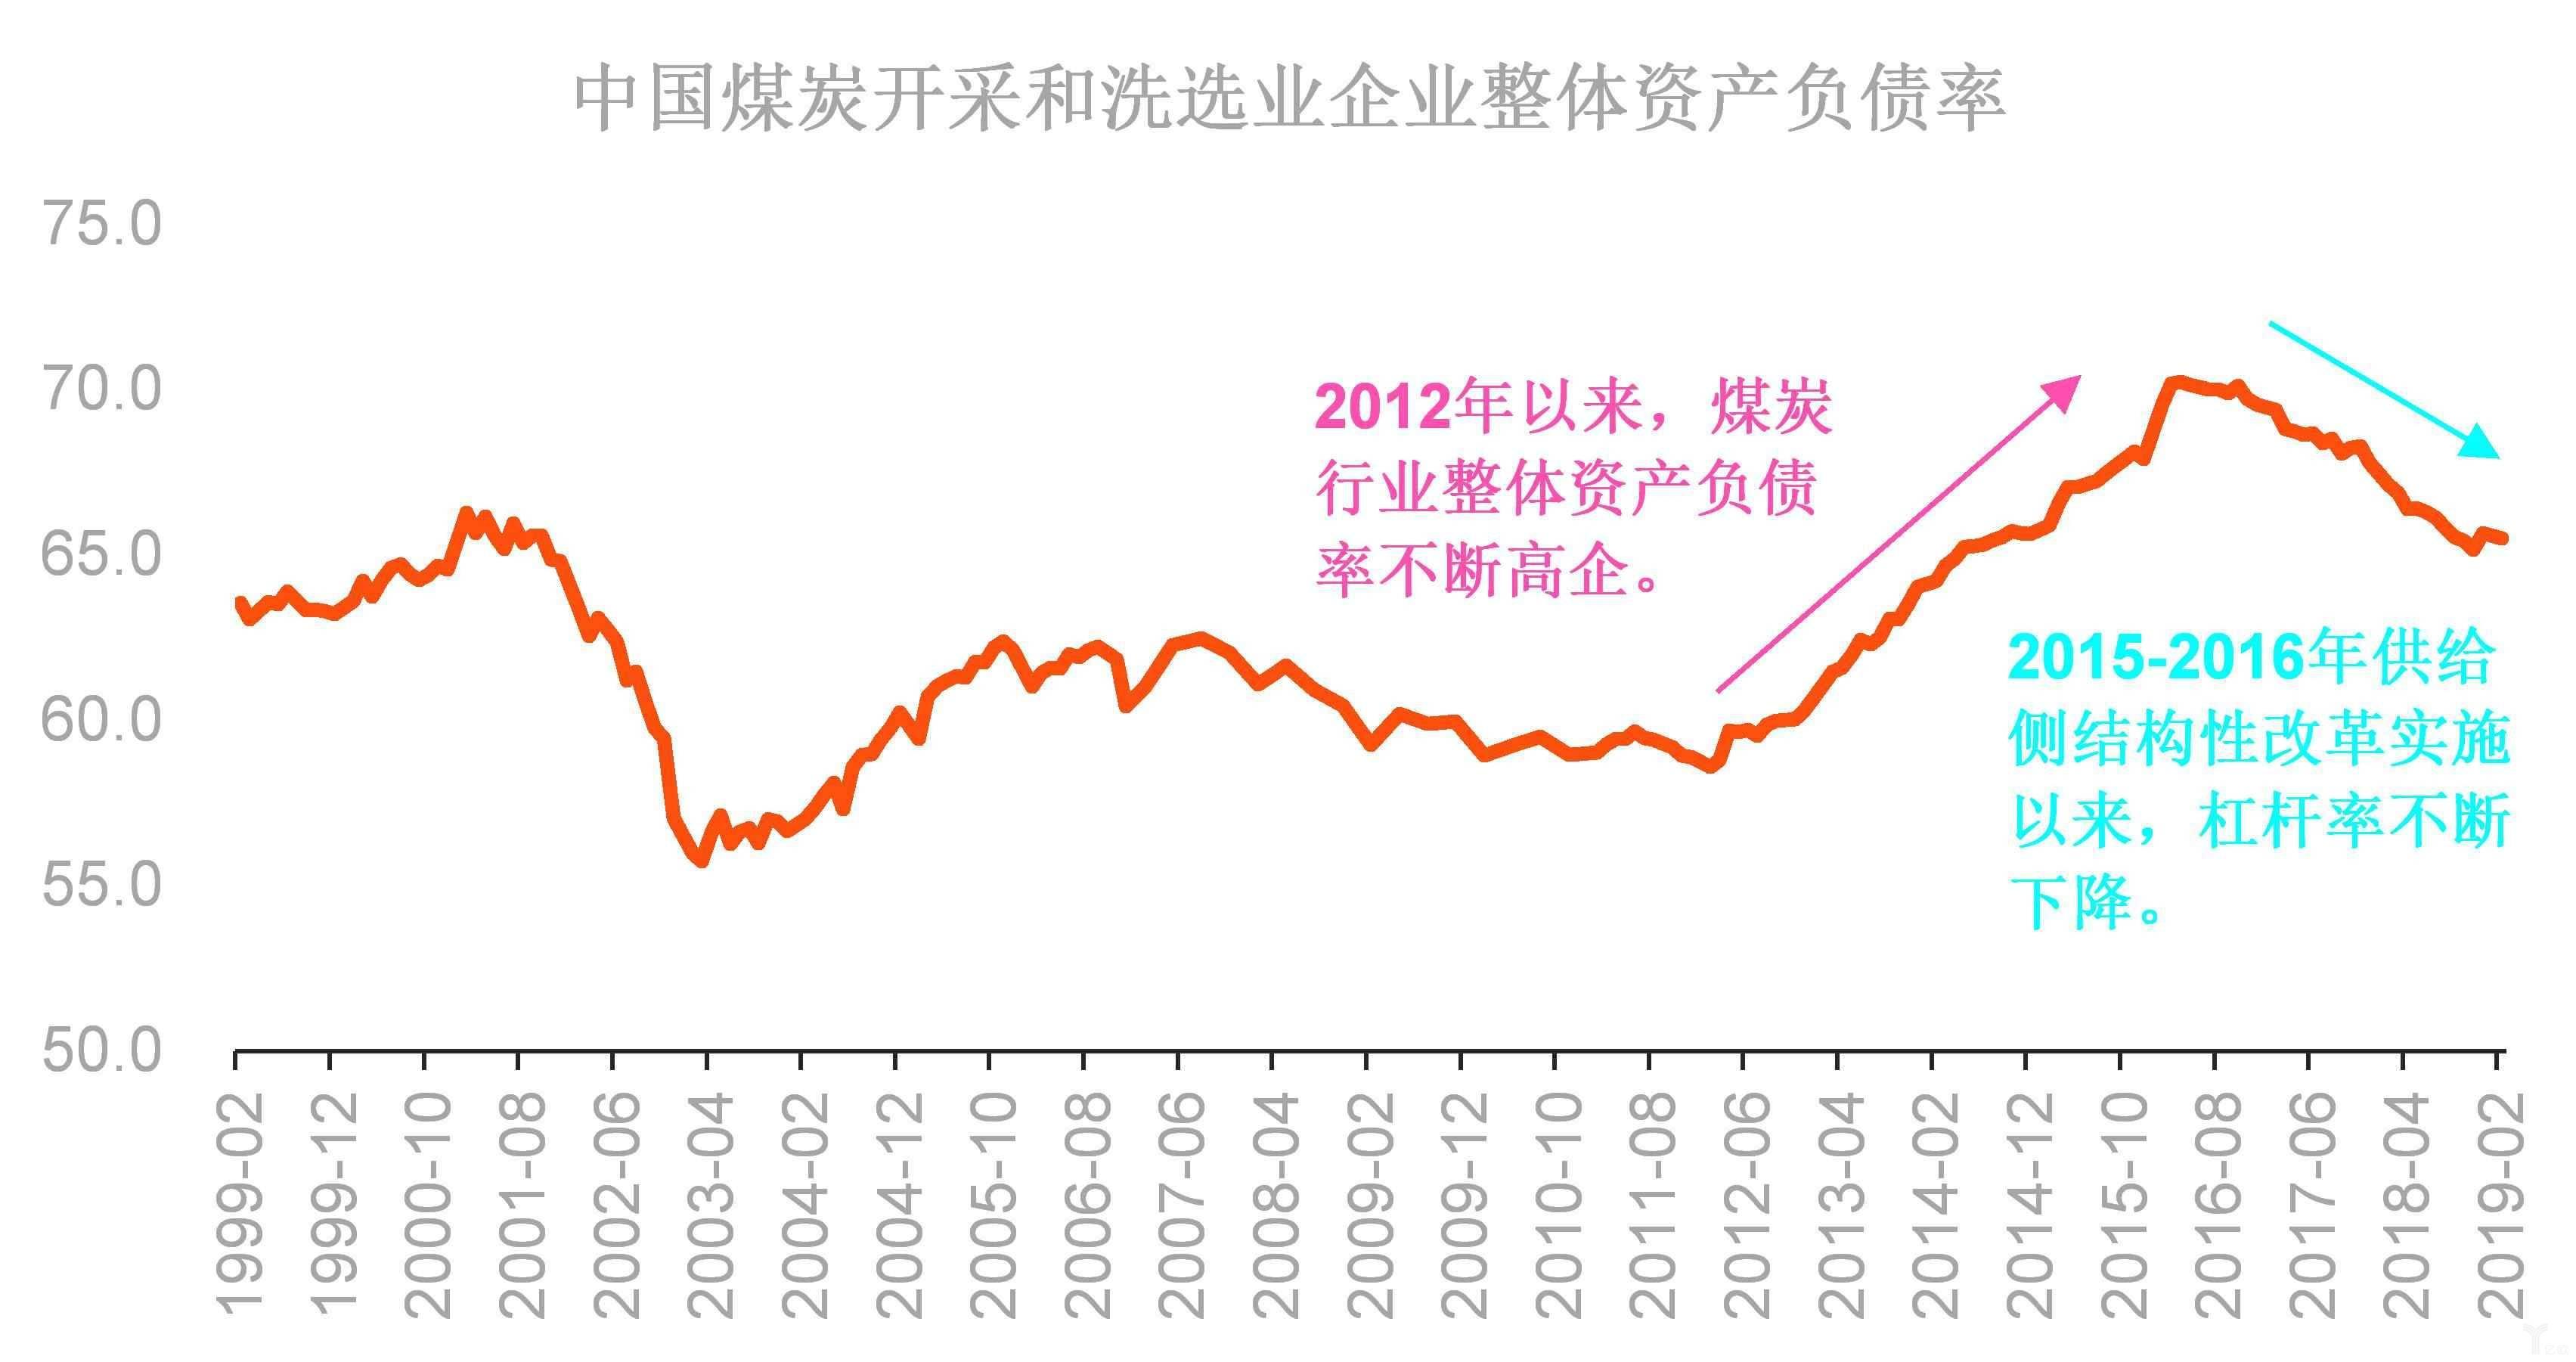 中国煤炭行业部分企业资产负债率